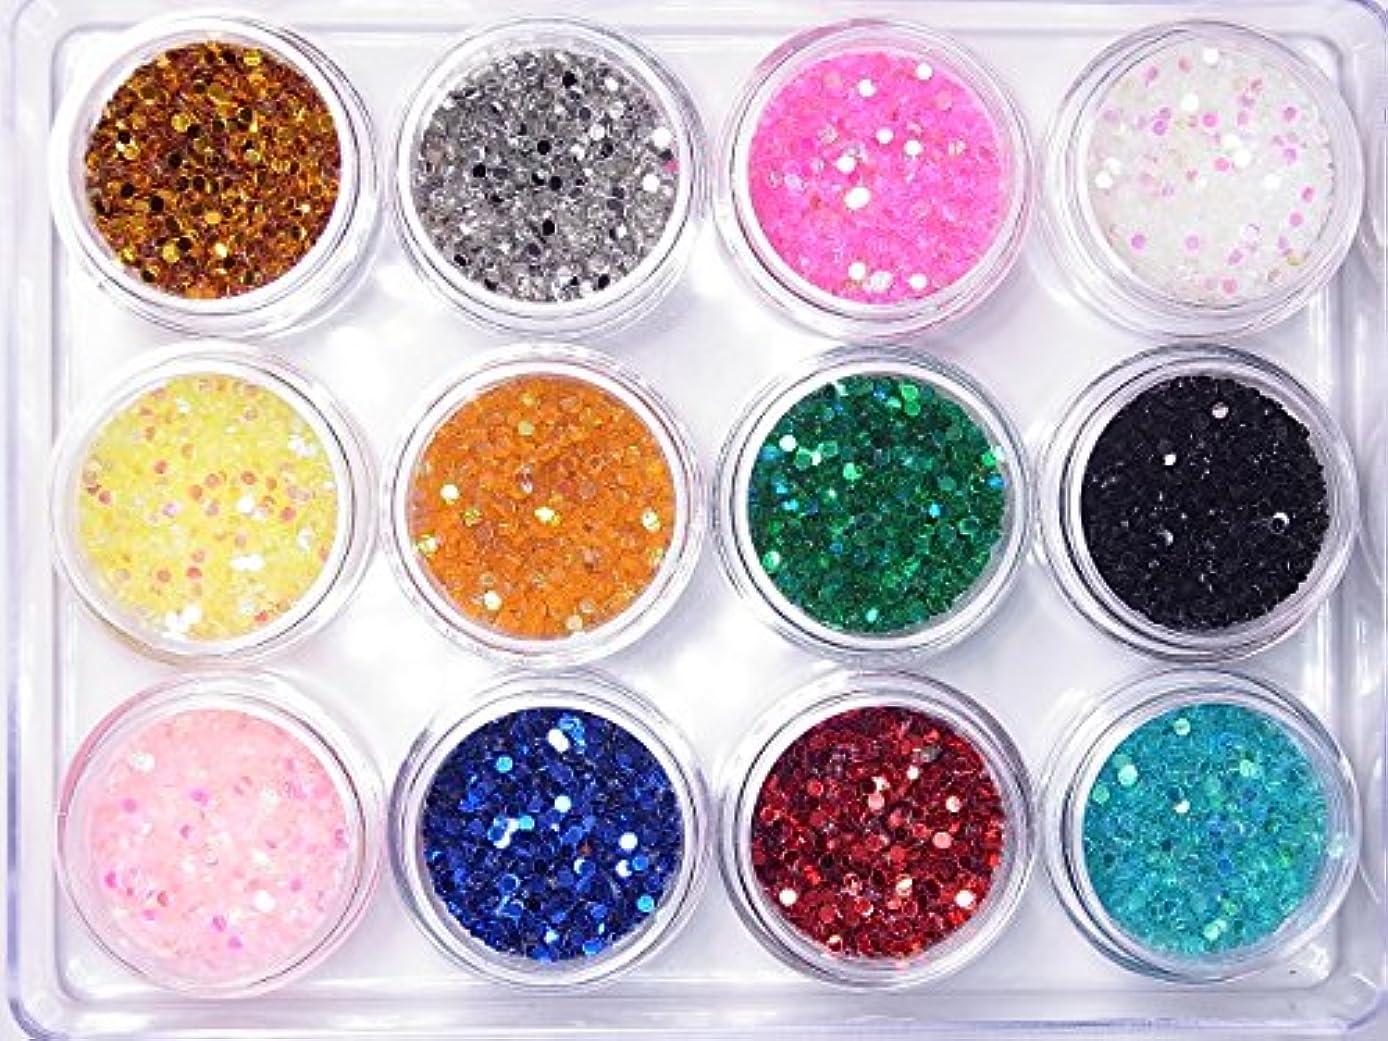 空いている発表実験【jewel】丸ホログラム1.5mm 各色たっぷり2g入り 12色SET ジェルネイル デコ